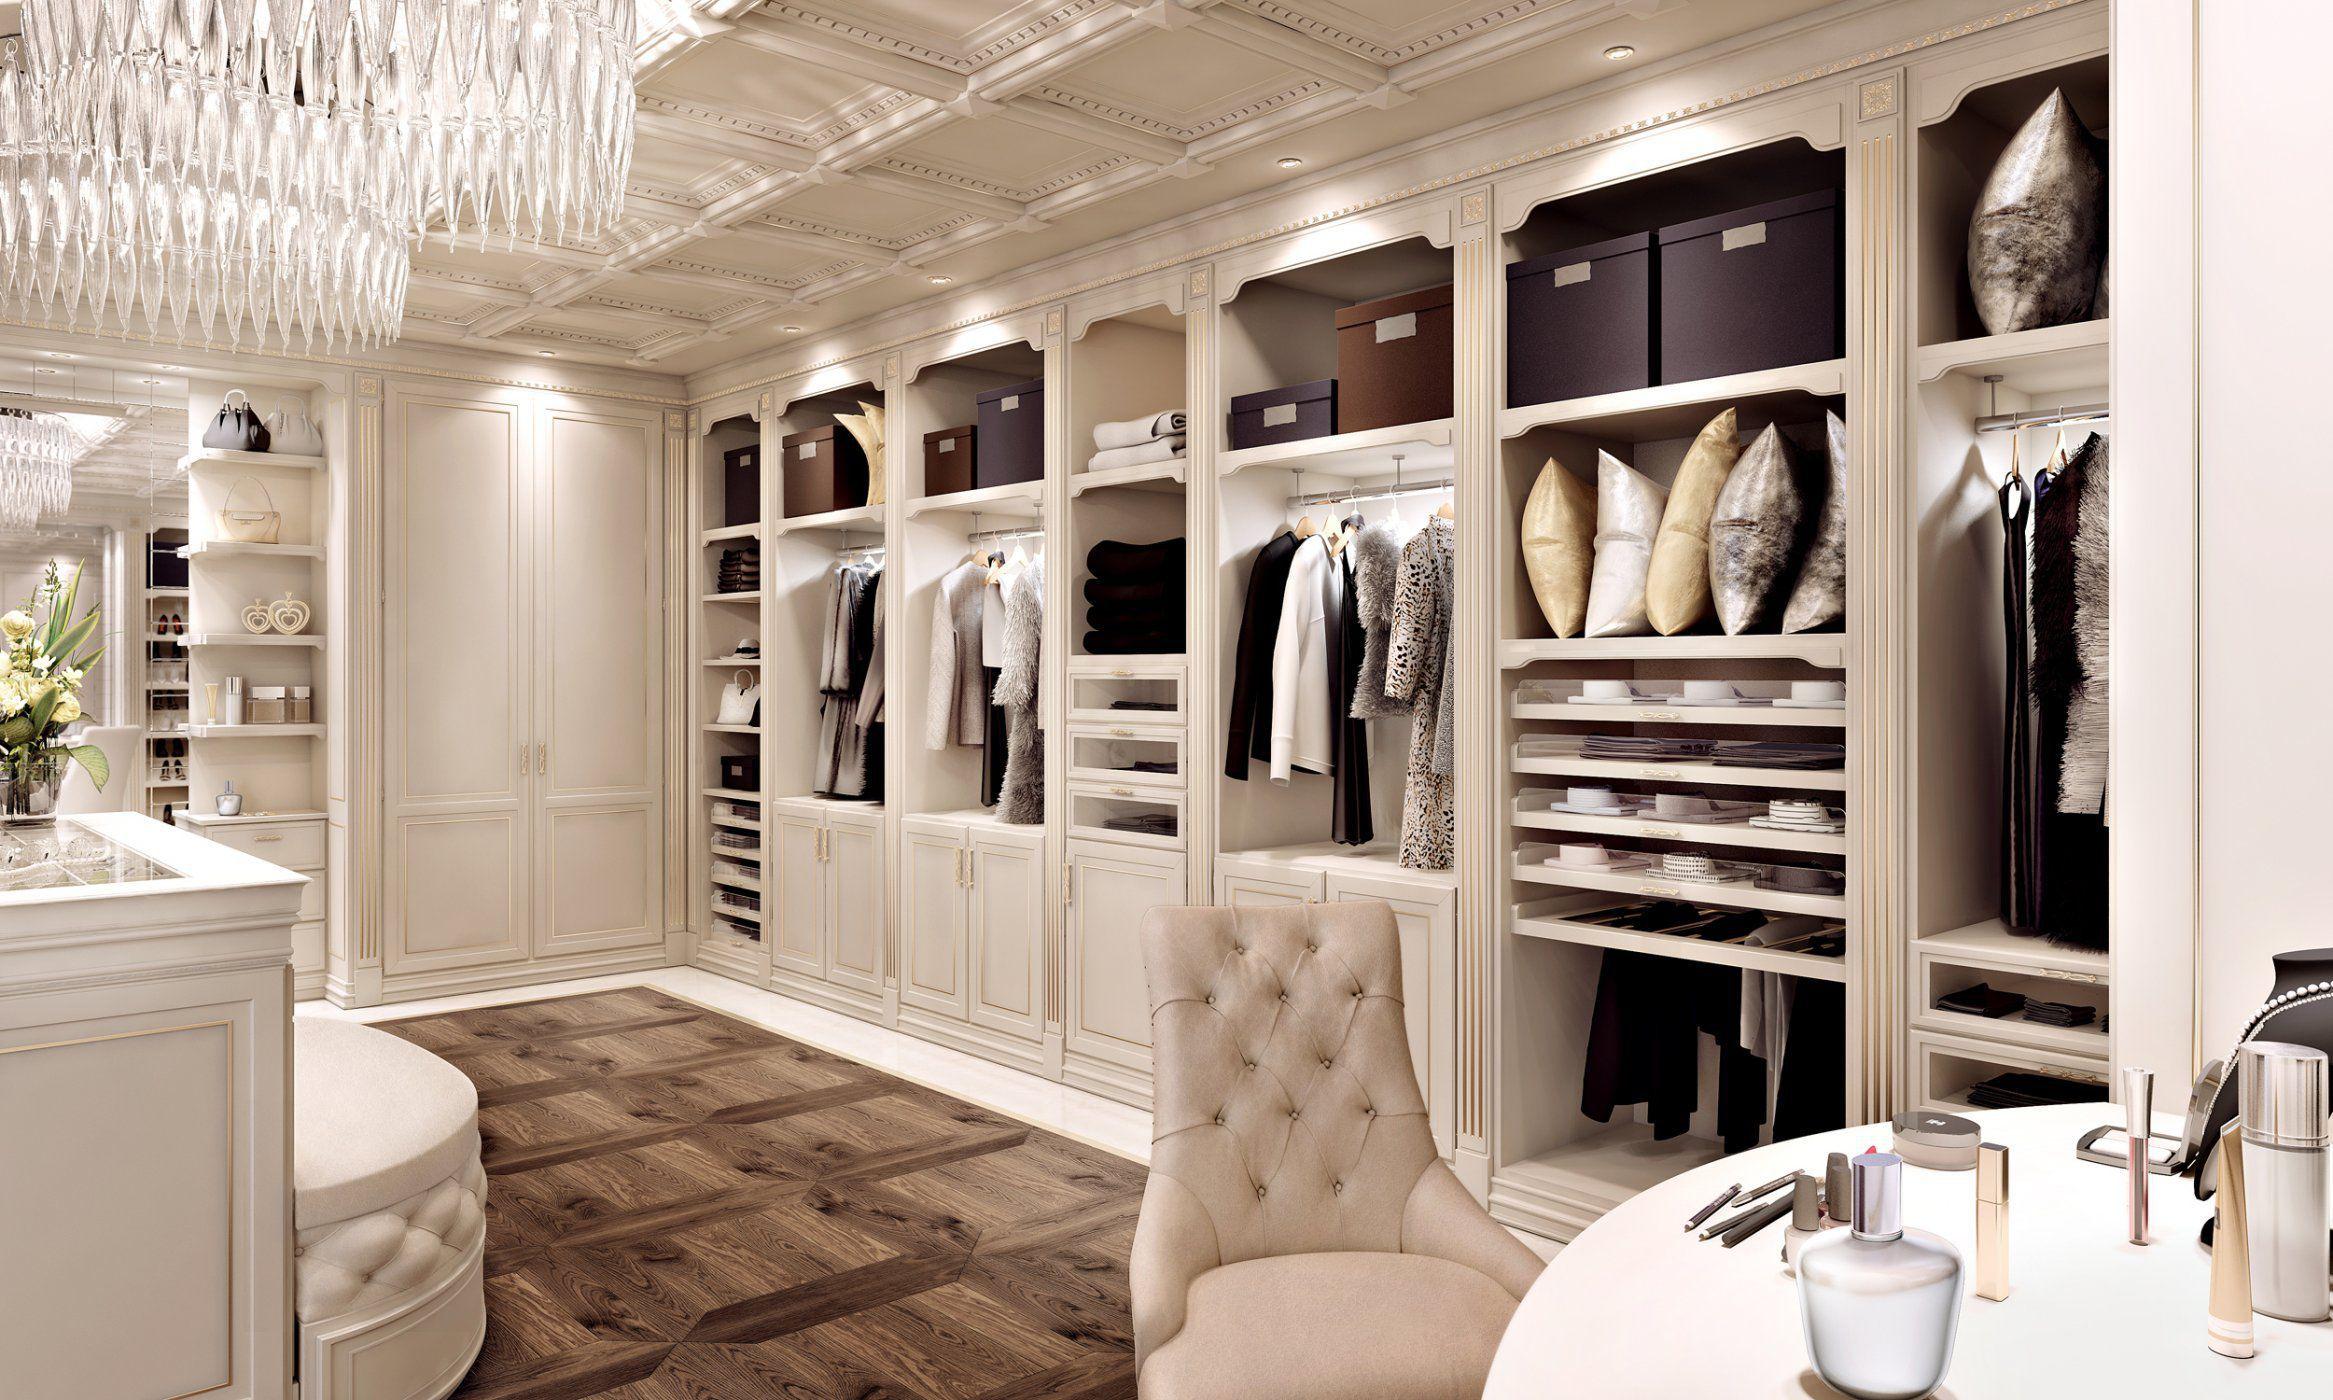 Cabine Armadio Stile Classico : Cabina armadio in legno laccato capriccio casta diva interiors